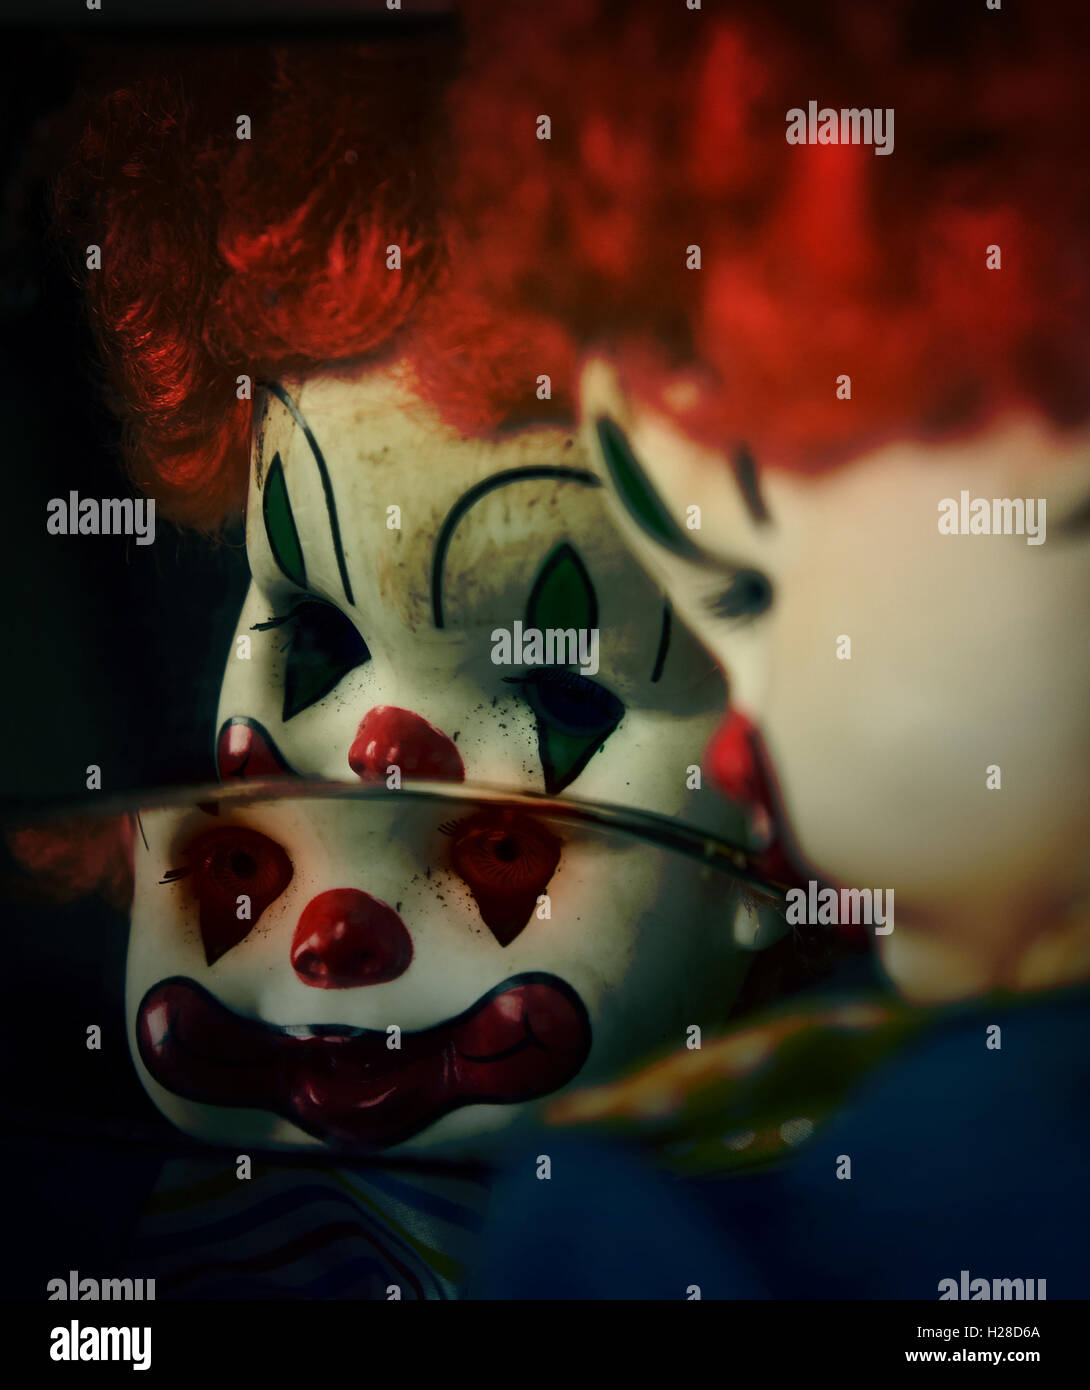 Eine Nahaufnahme einer beängstigend böser Clown Spielzeug Puppe in einem gebrochenen Spiegel, der für Stockbild